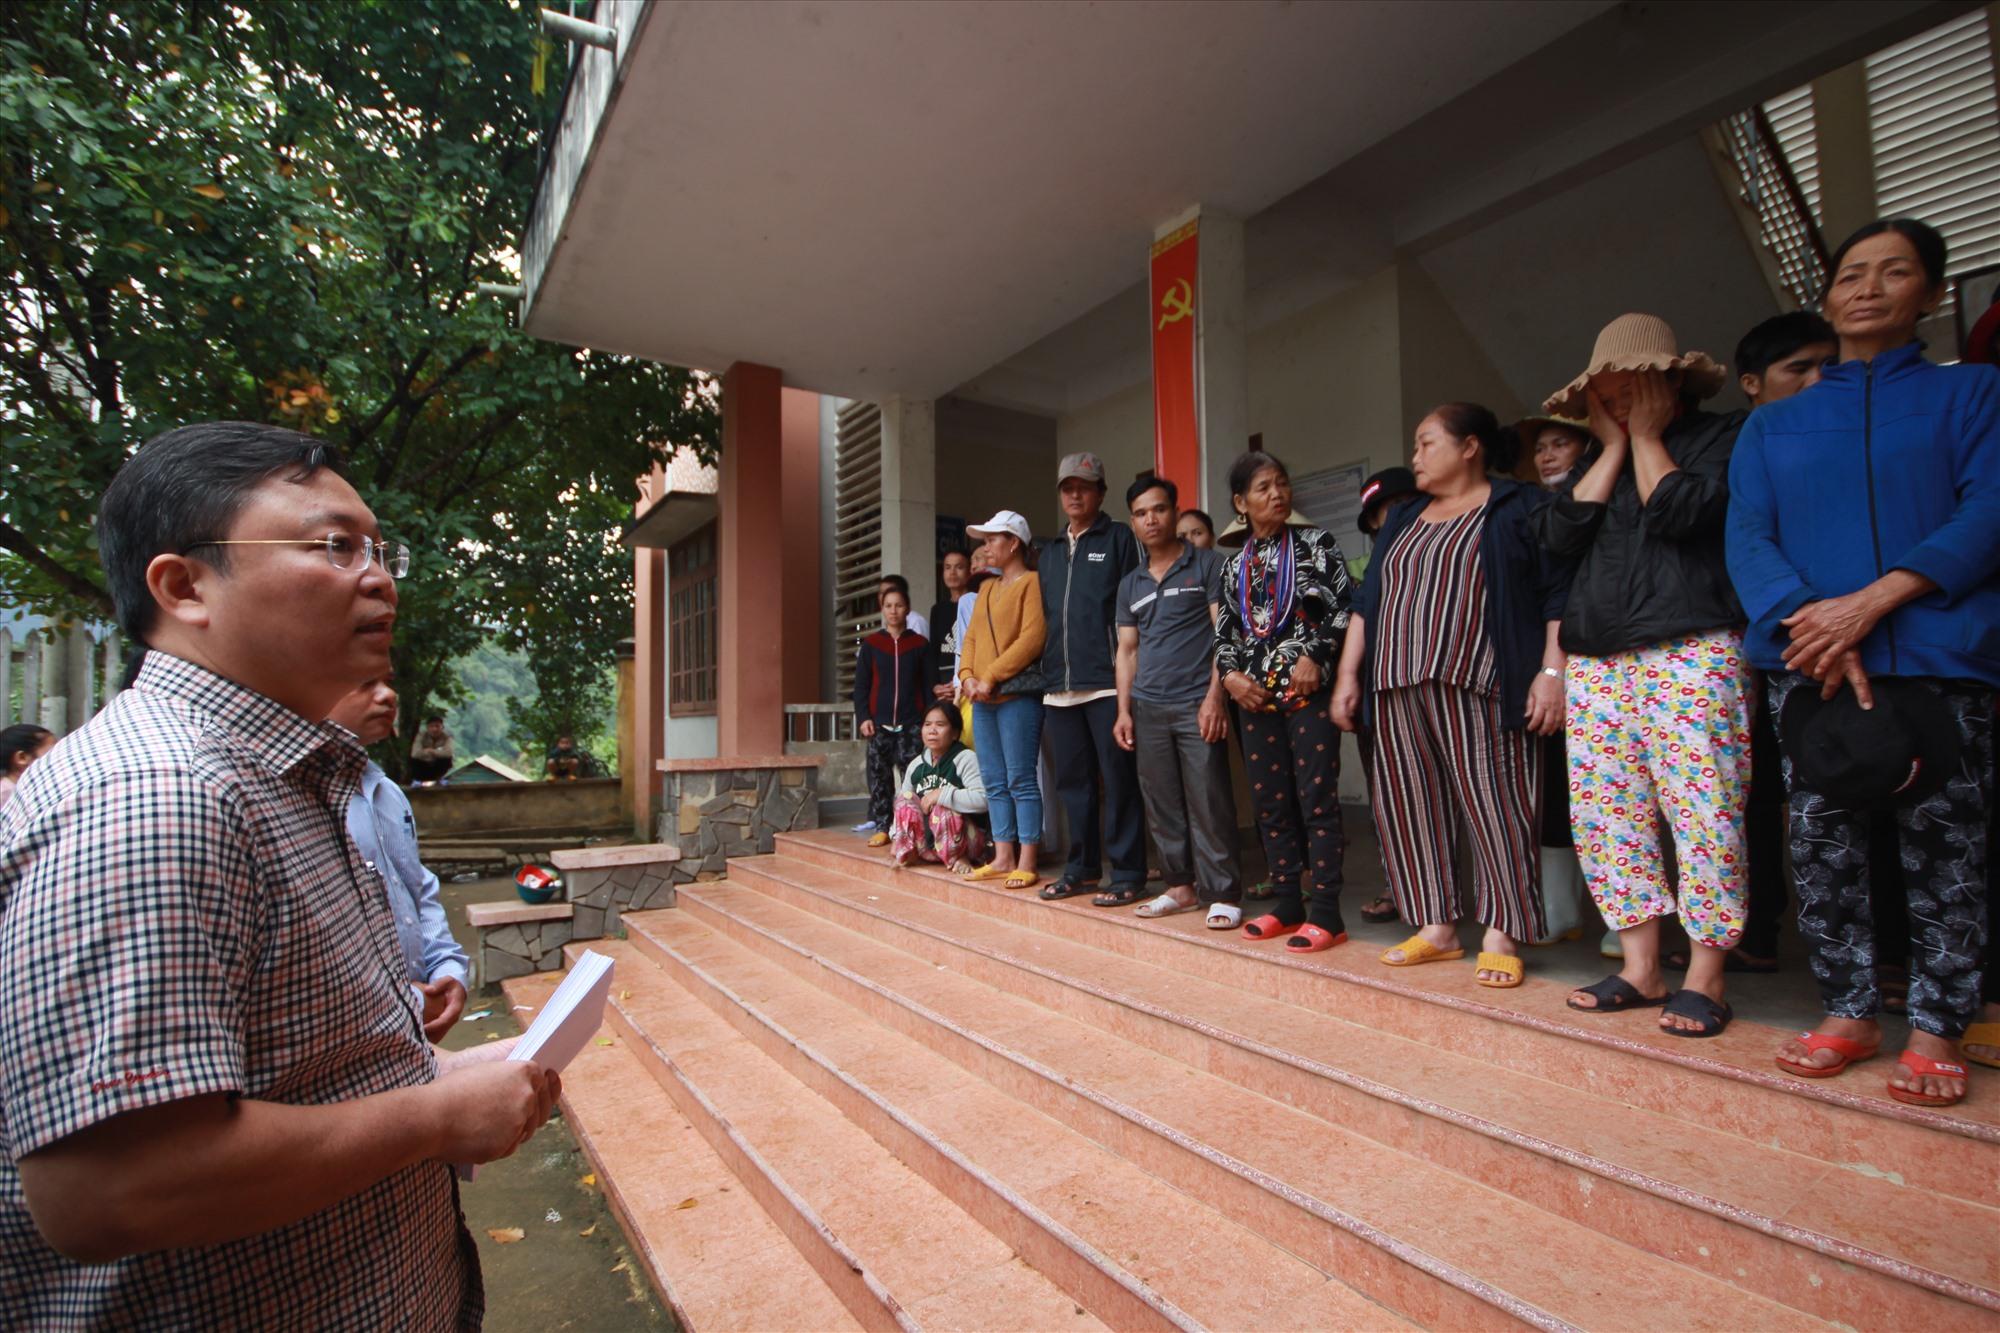 Chủ tịch UBND tỉnh Lê Trí Thanh dành nhiều lời chia sẻ, động viên trước những mất mát của các hộ dân bị thiệt hại hoàn toàn nhà cửa ở xã Phước Thành. Ảnh: T.C